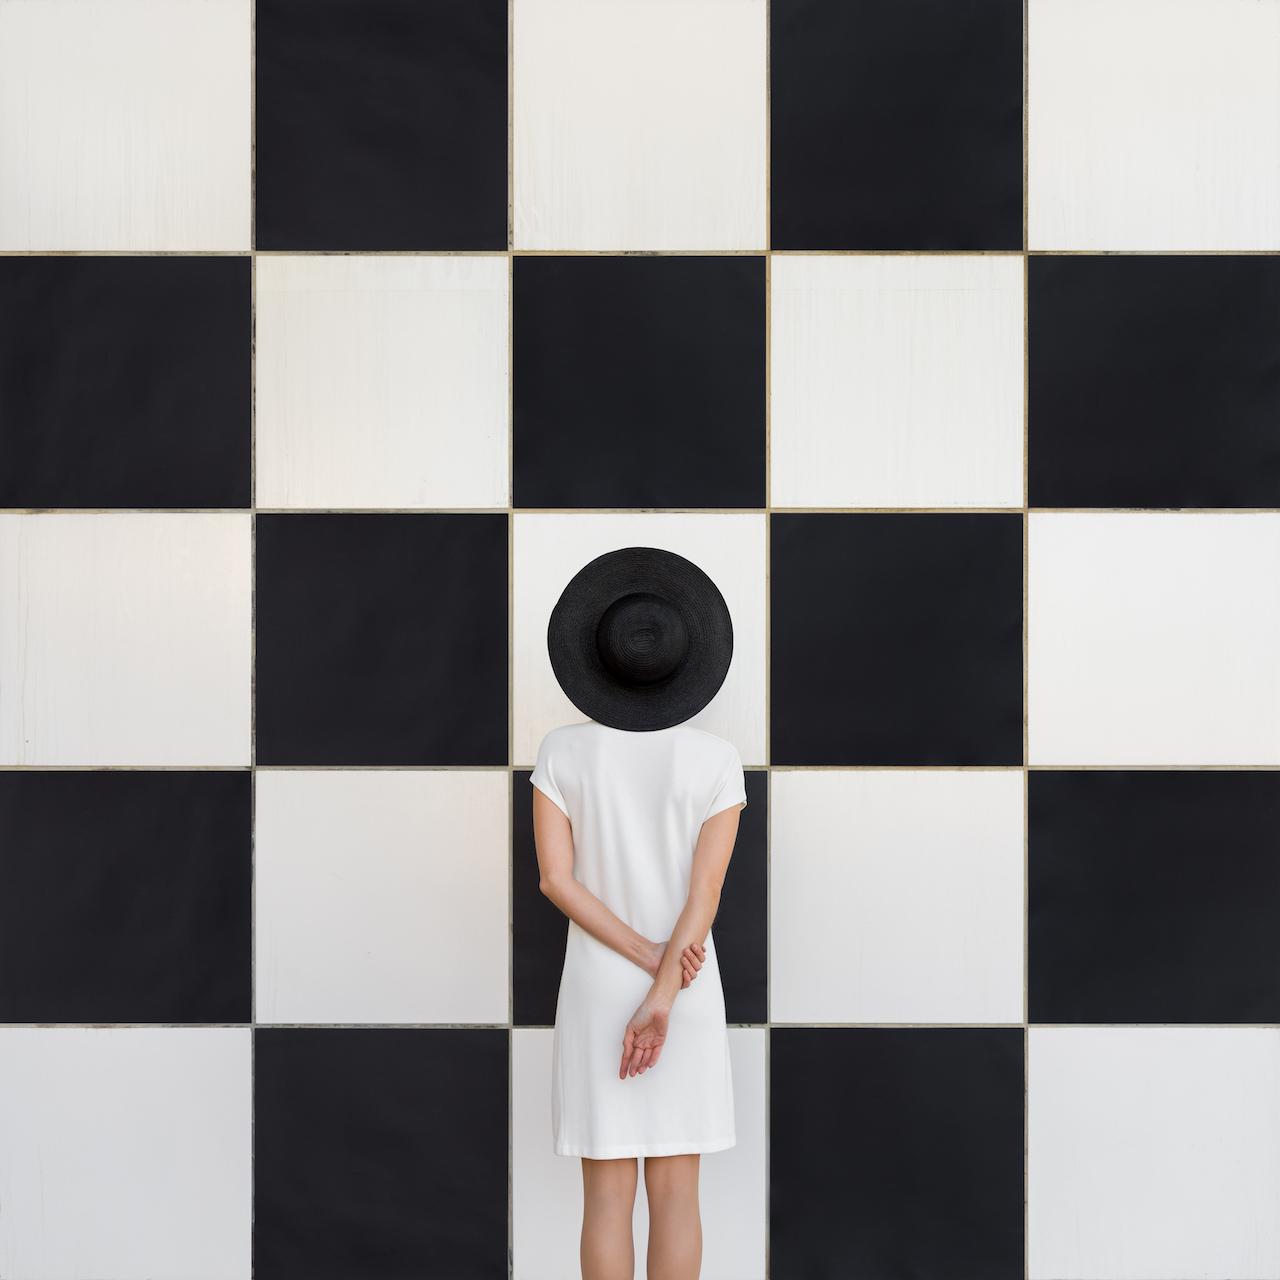 Annandaniel Anniset DrCuerda Anna Devís Daniel Rueda What the Hat Checkmate